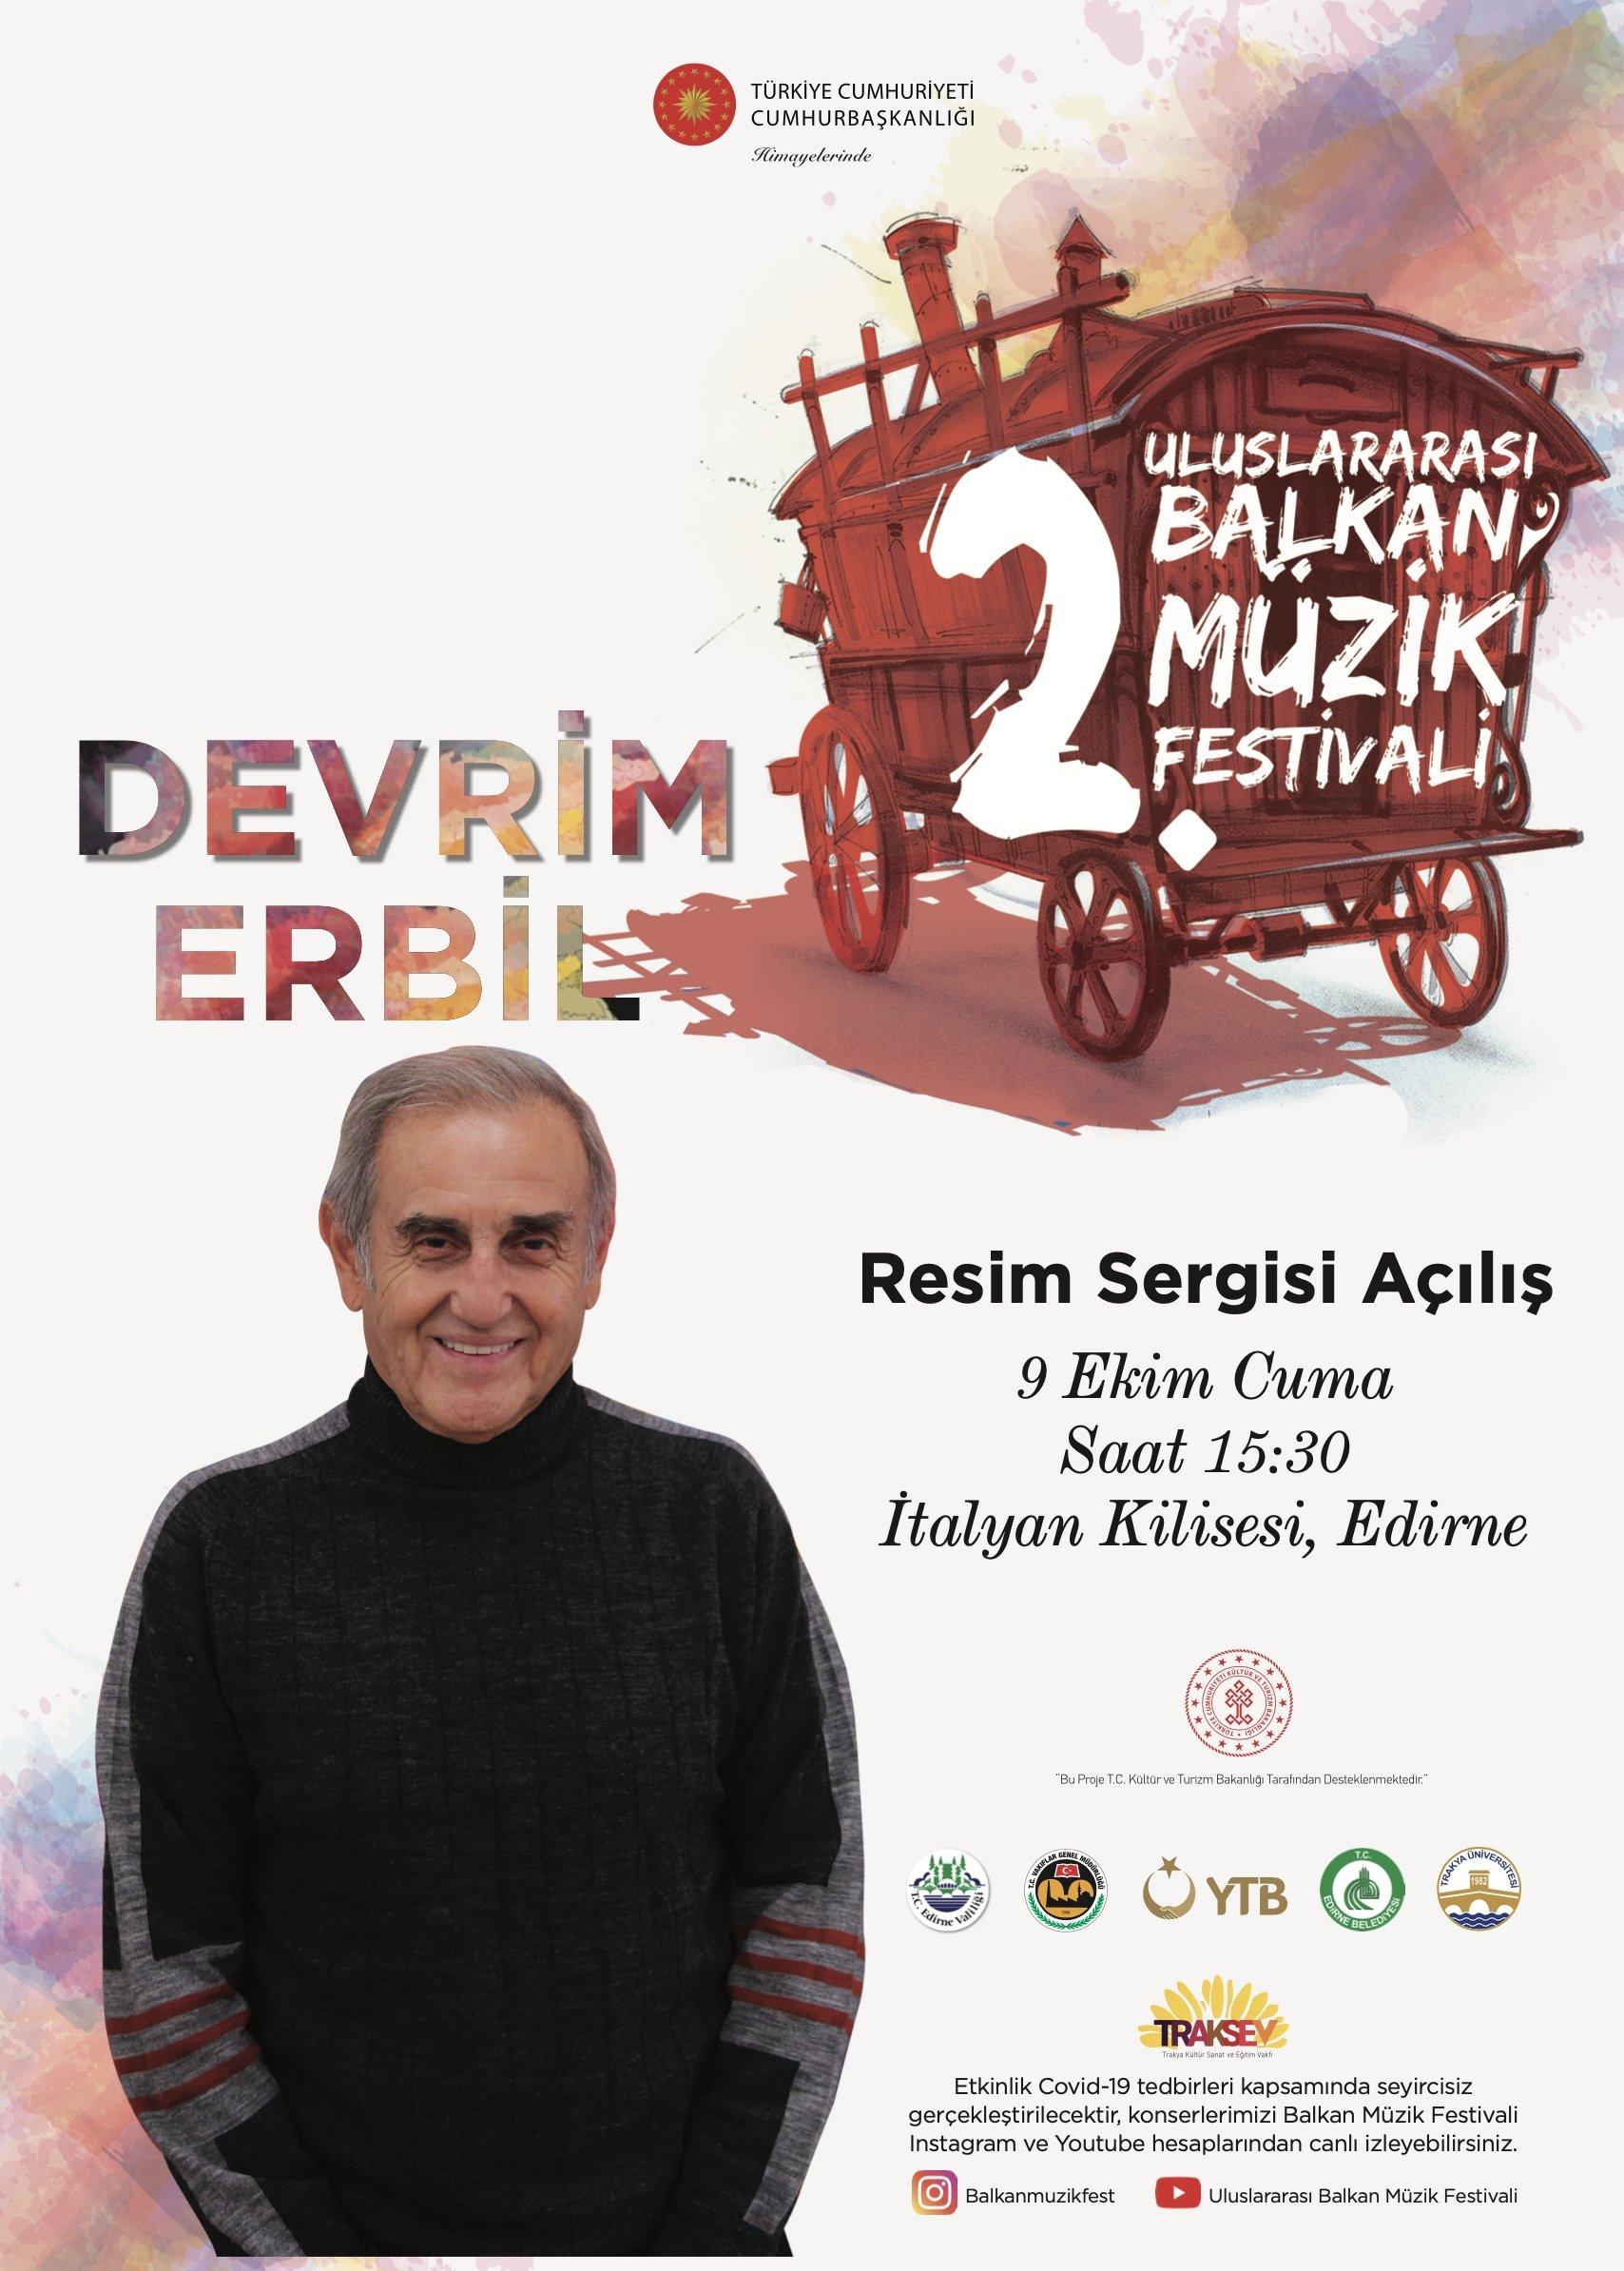 A poster of the festival shows Devrim Erbil.